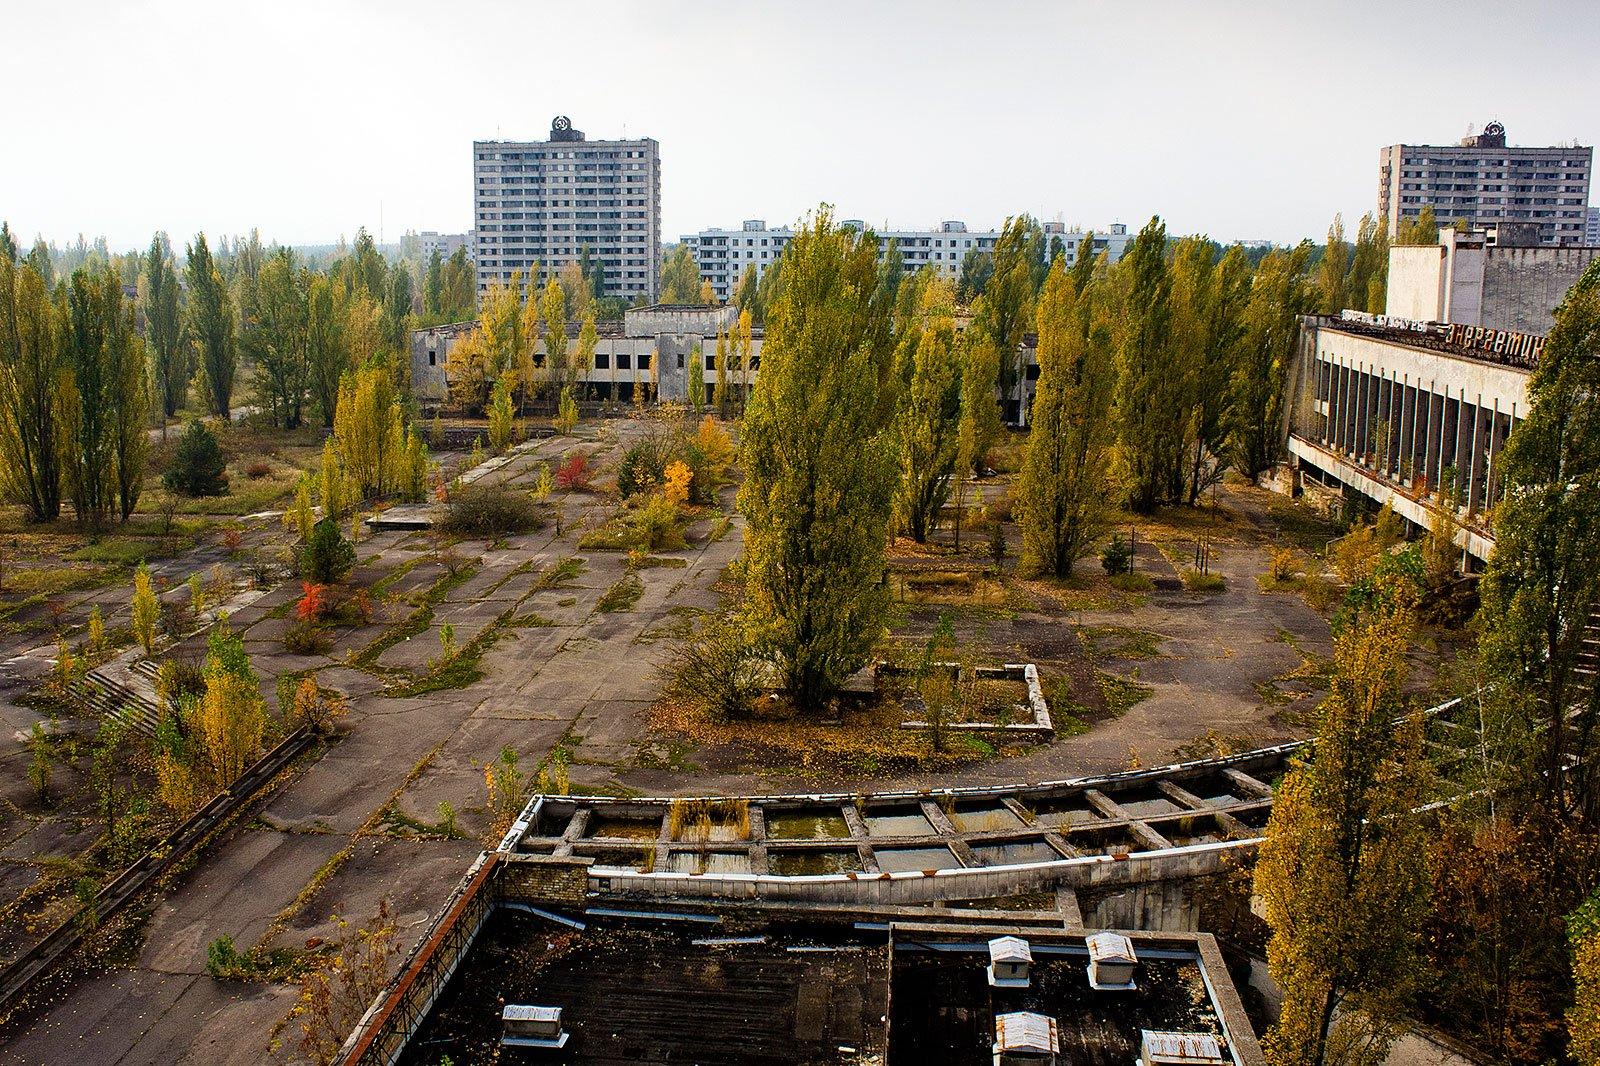 chernobyl - photo #12